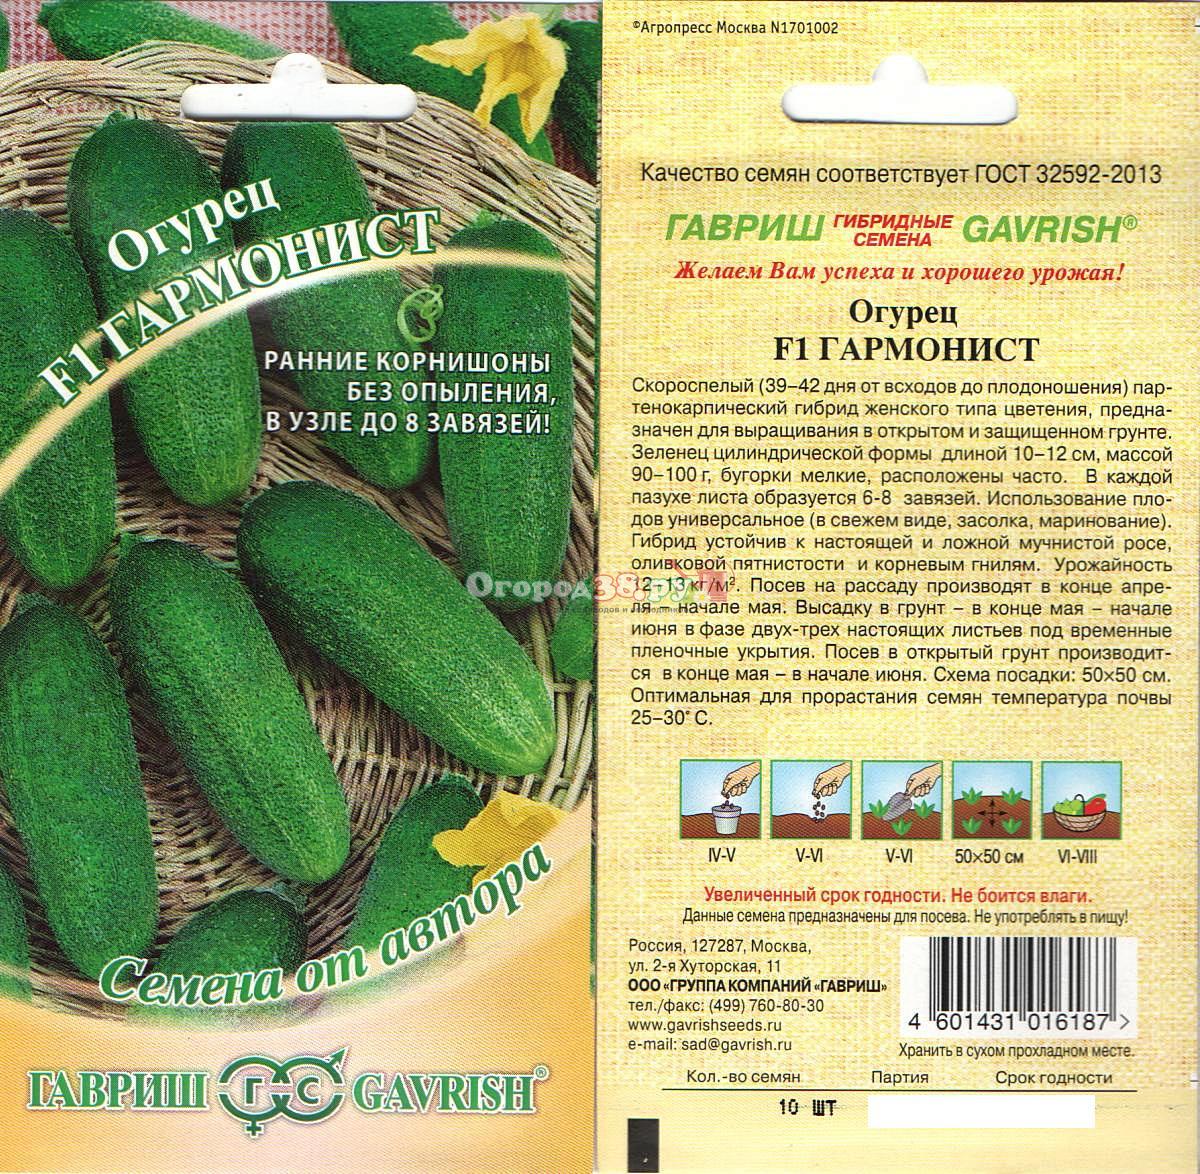 9 незаменимых гибридов огурцов, которые я советую выращивать всем. описание. фото — ботаничка.ru